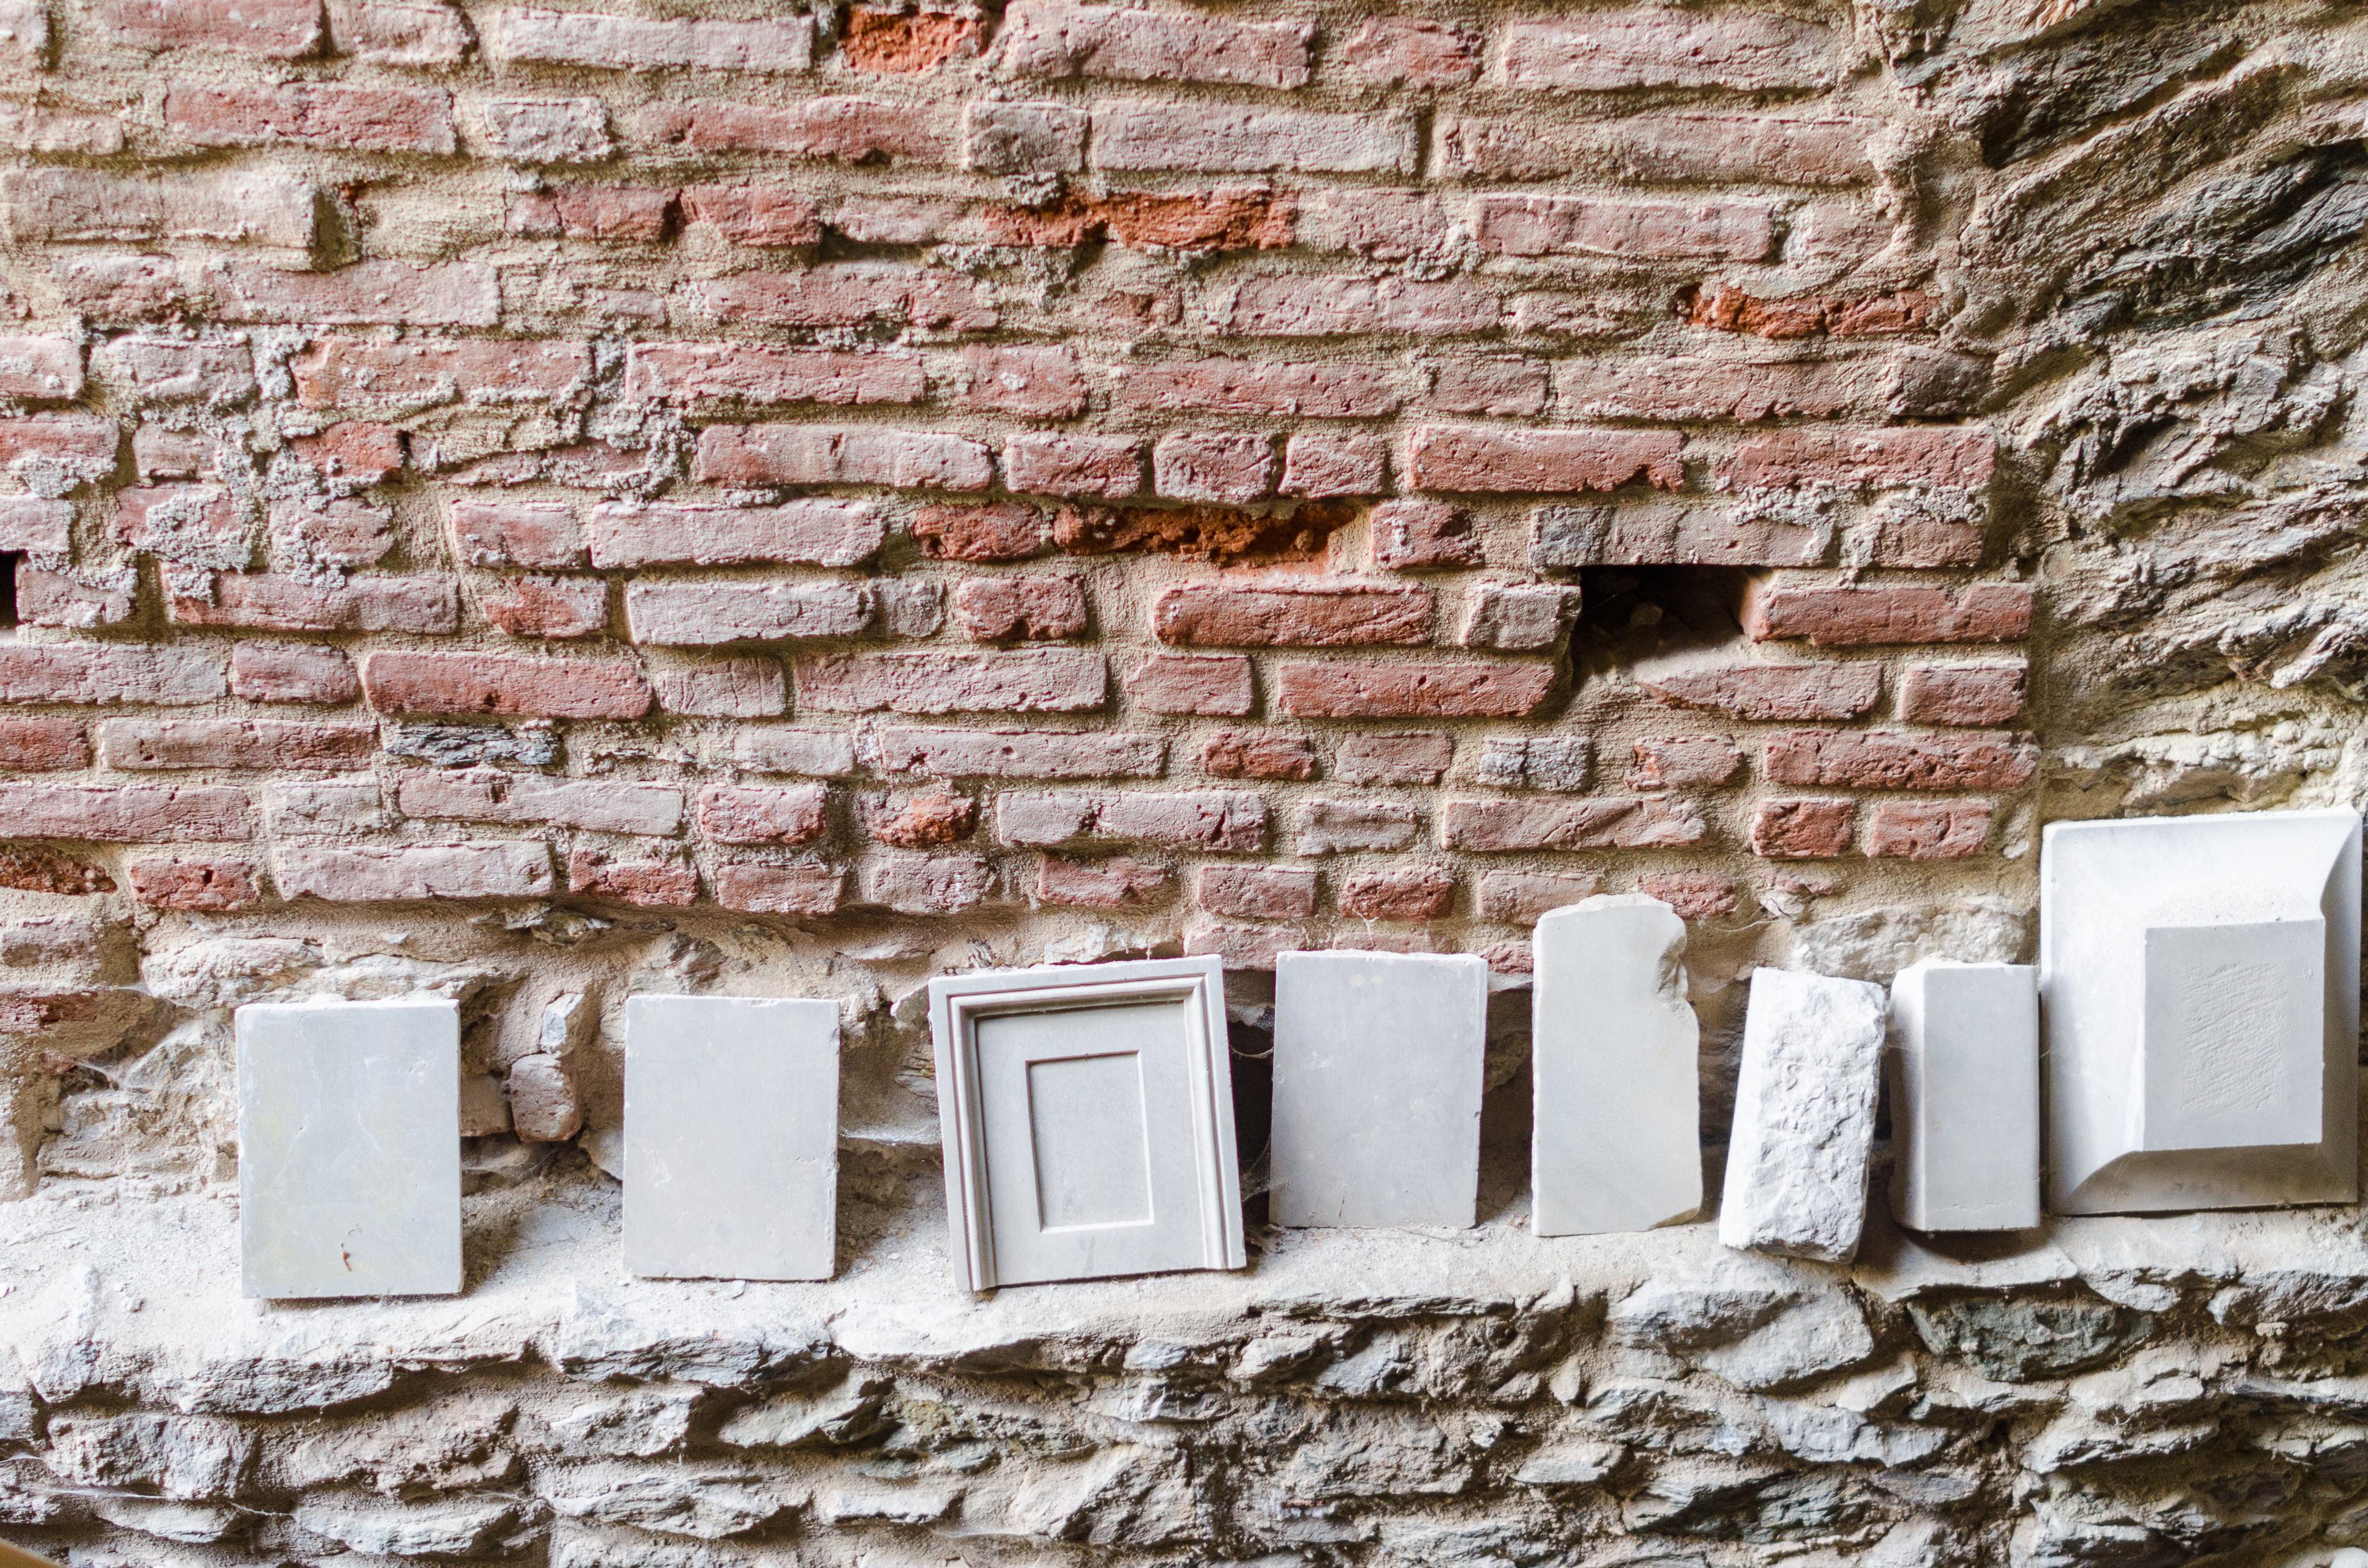 Italien, Tag 4a, noe.io Hannah Rauß